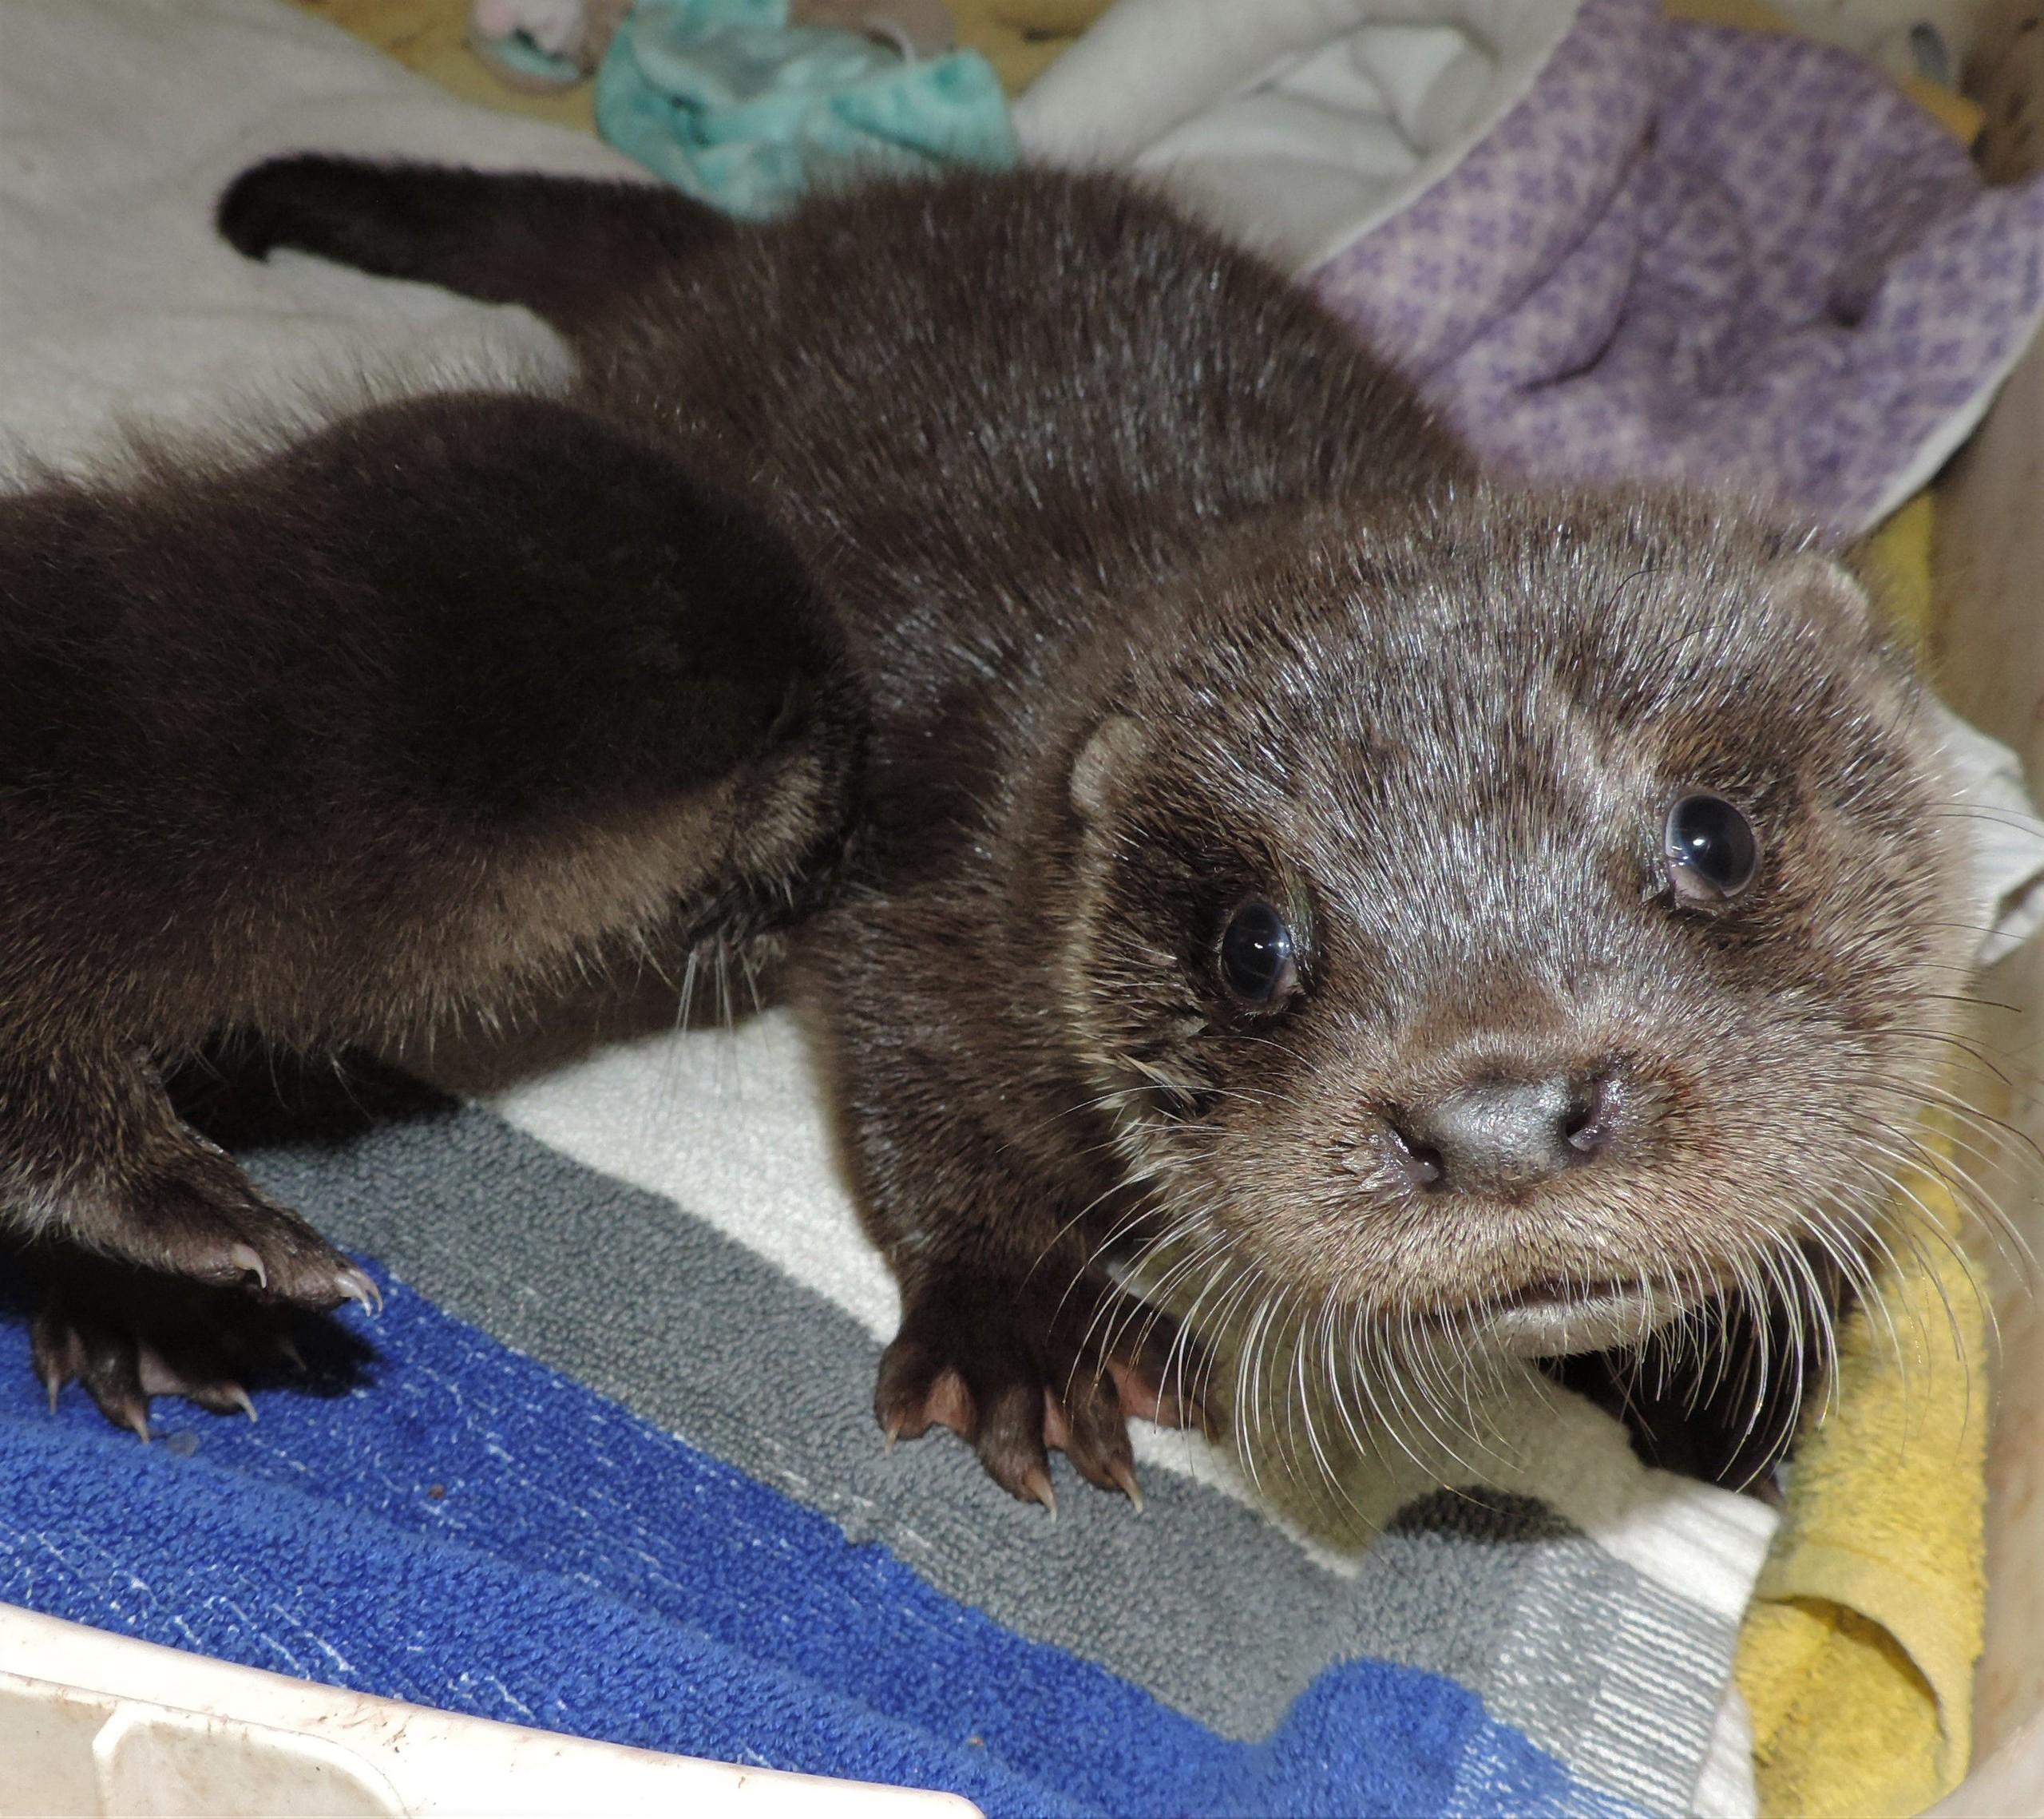 Neugieriger Blick von dem Otter-Mädchen